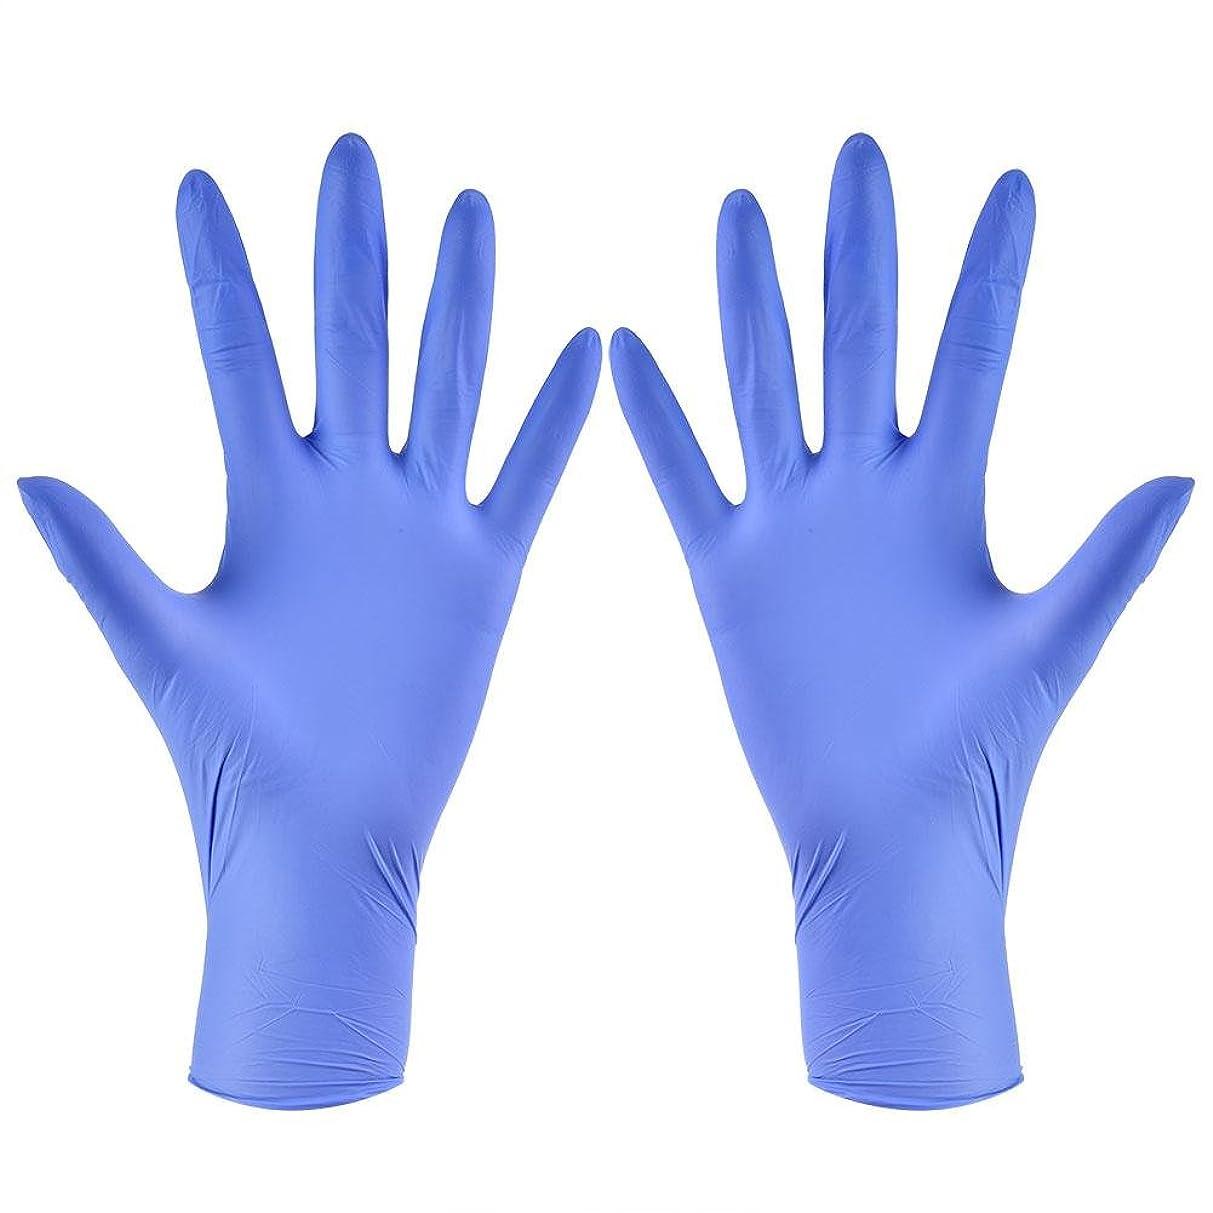 眠る固有の論理使い捨て手袋 ニトリルグローブ ホワイト 粉なし タトゥー/歯科/病院/研究室に適応 S/M/L/XL選択可 100枚 左右兼用(XL)